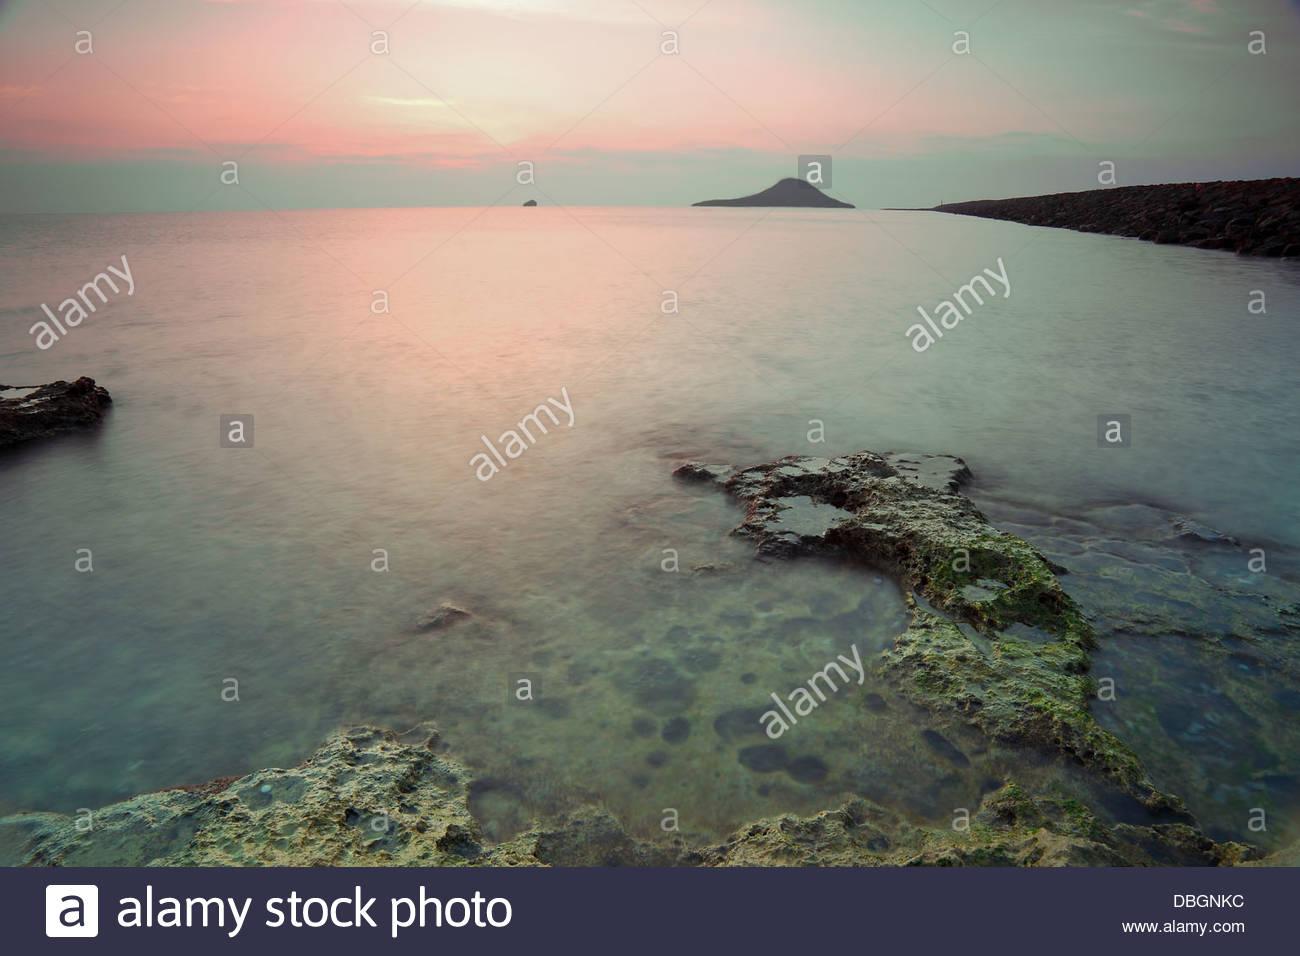 Amanecer en La Manga del Mar Menor, Murcia, España. Imagen De Stock